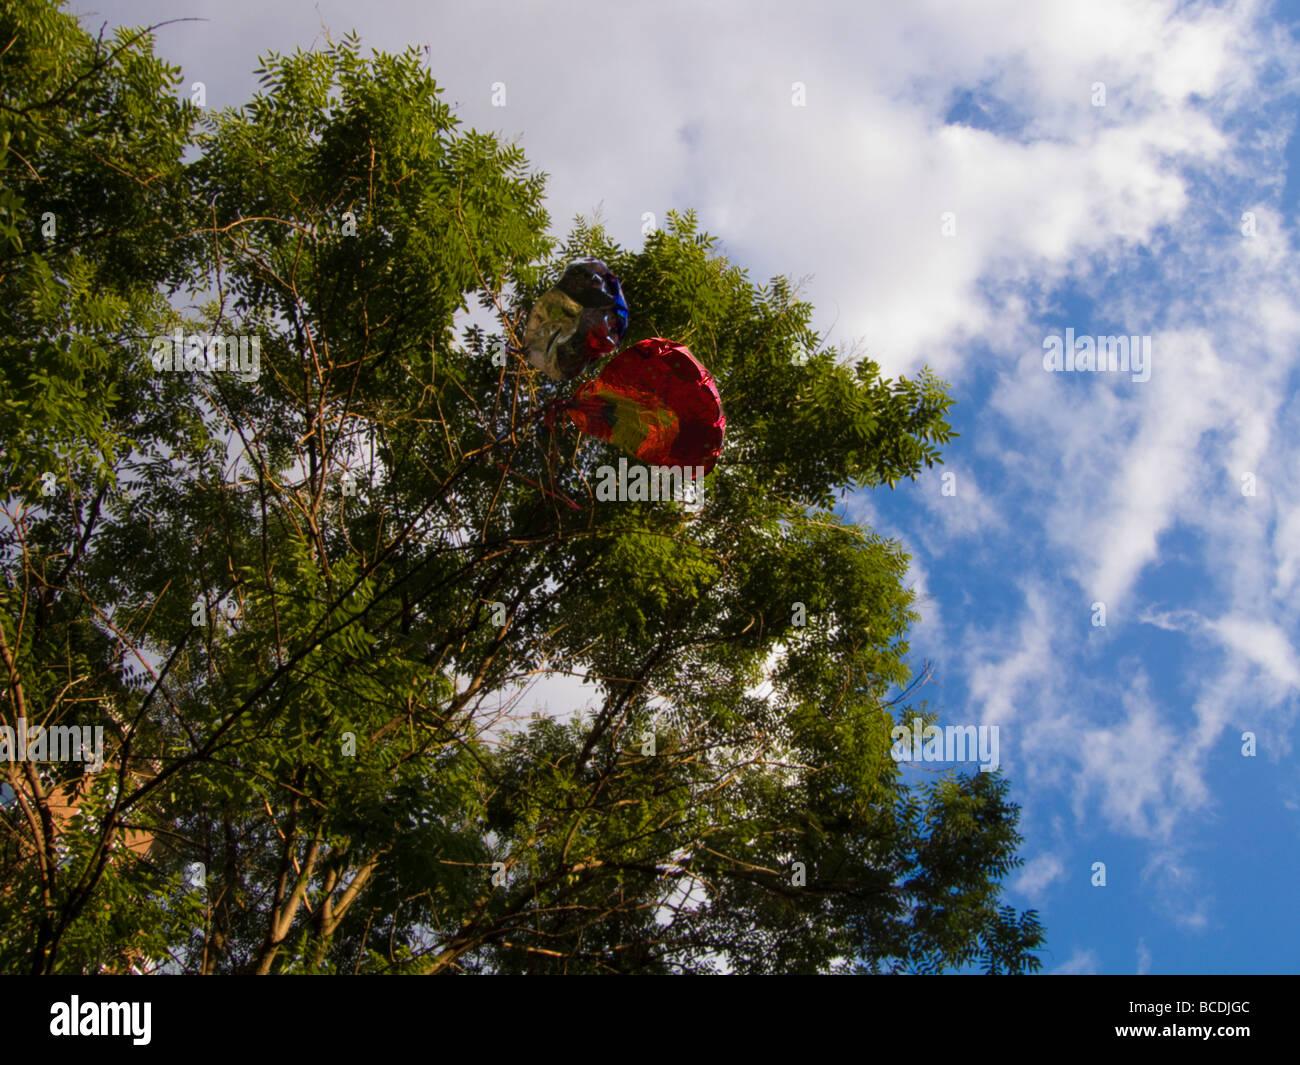 Happy Birthday Ballons Gefangen In Einem Baum New York Auf Samstag 27 Juni